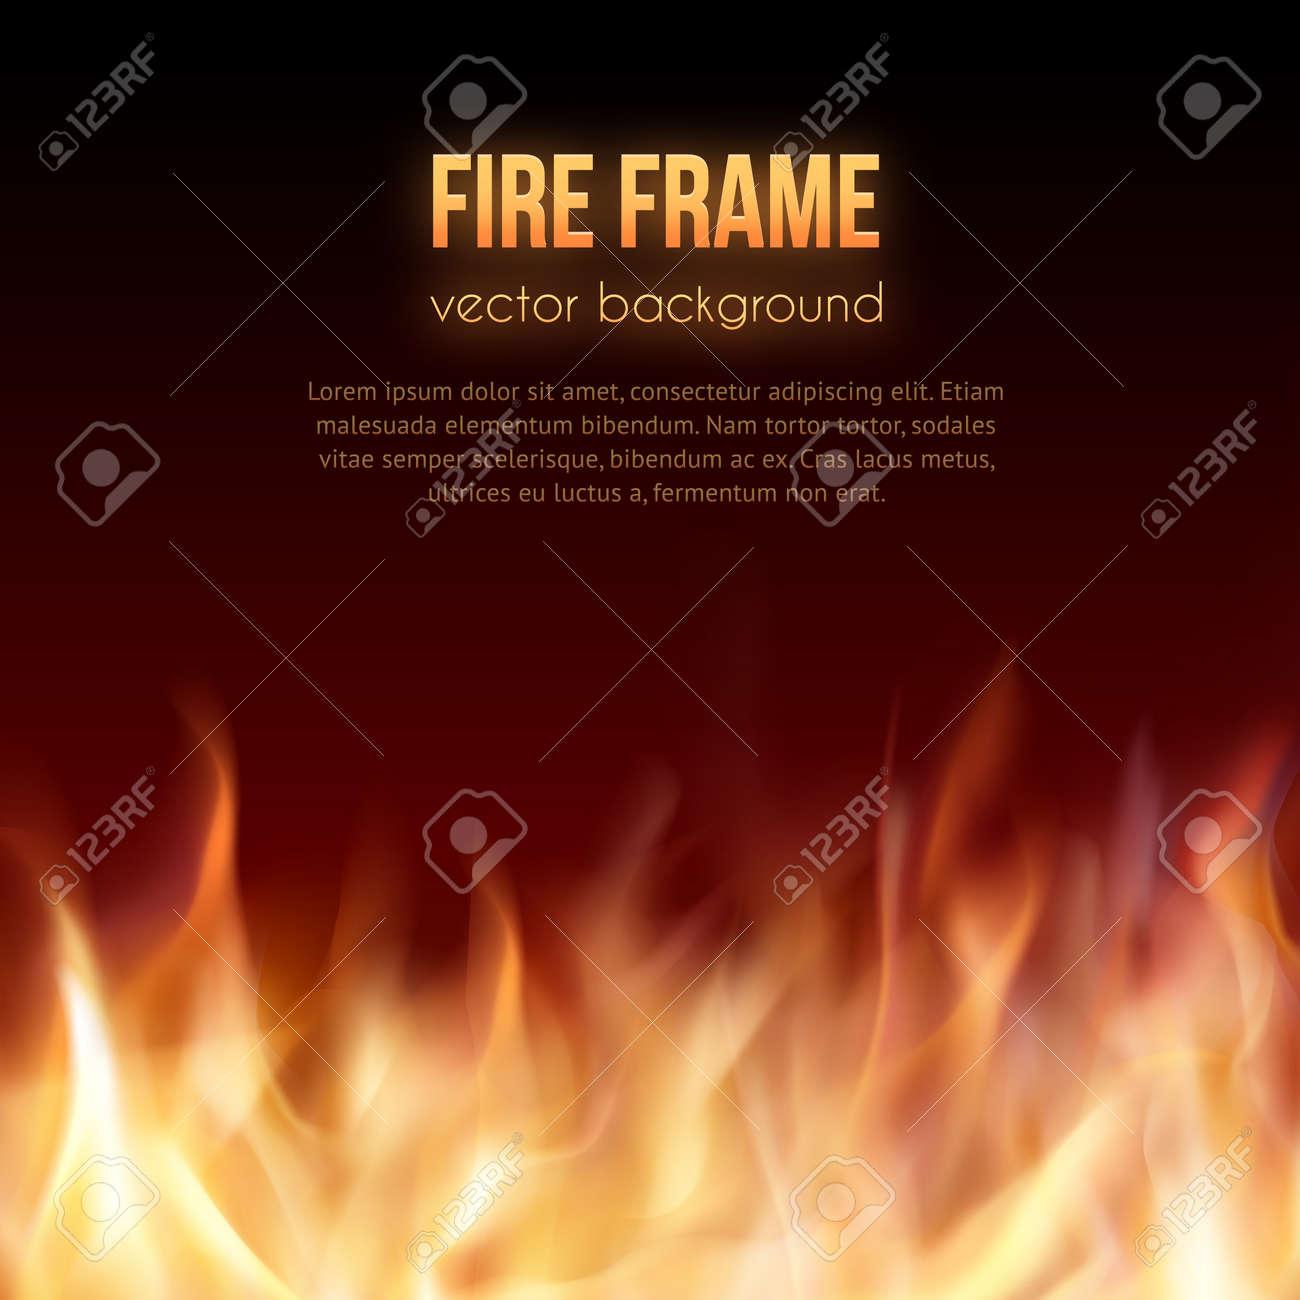 Flamme Feuer Clip art - Flammen Hintergrund Cliparts png herunterladen -  500*500 - Kostenlos transparent Blatt png Herunterladen.